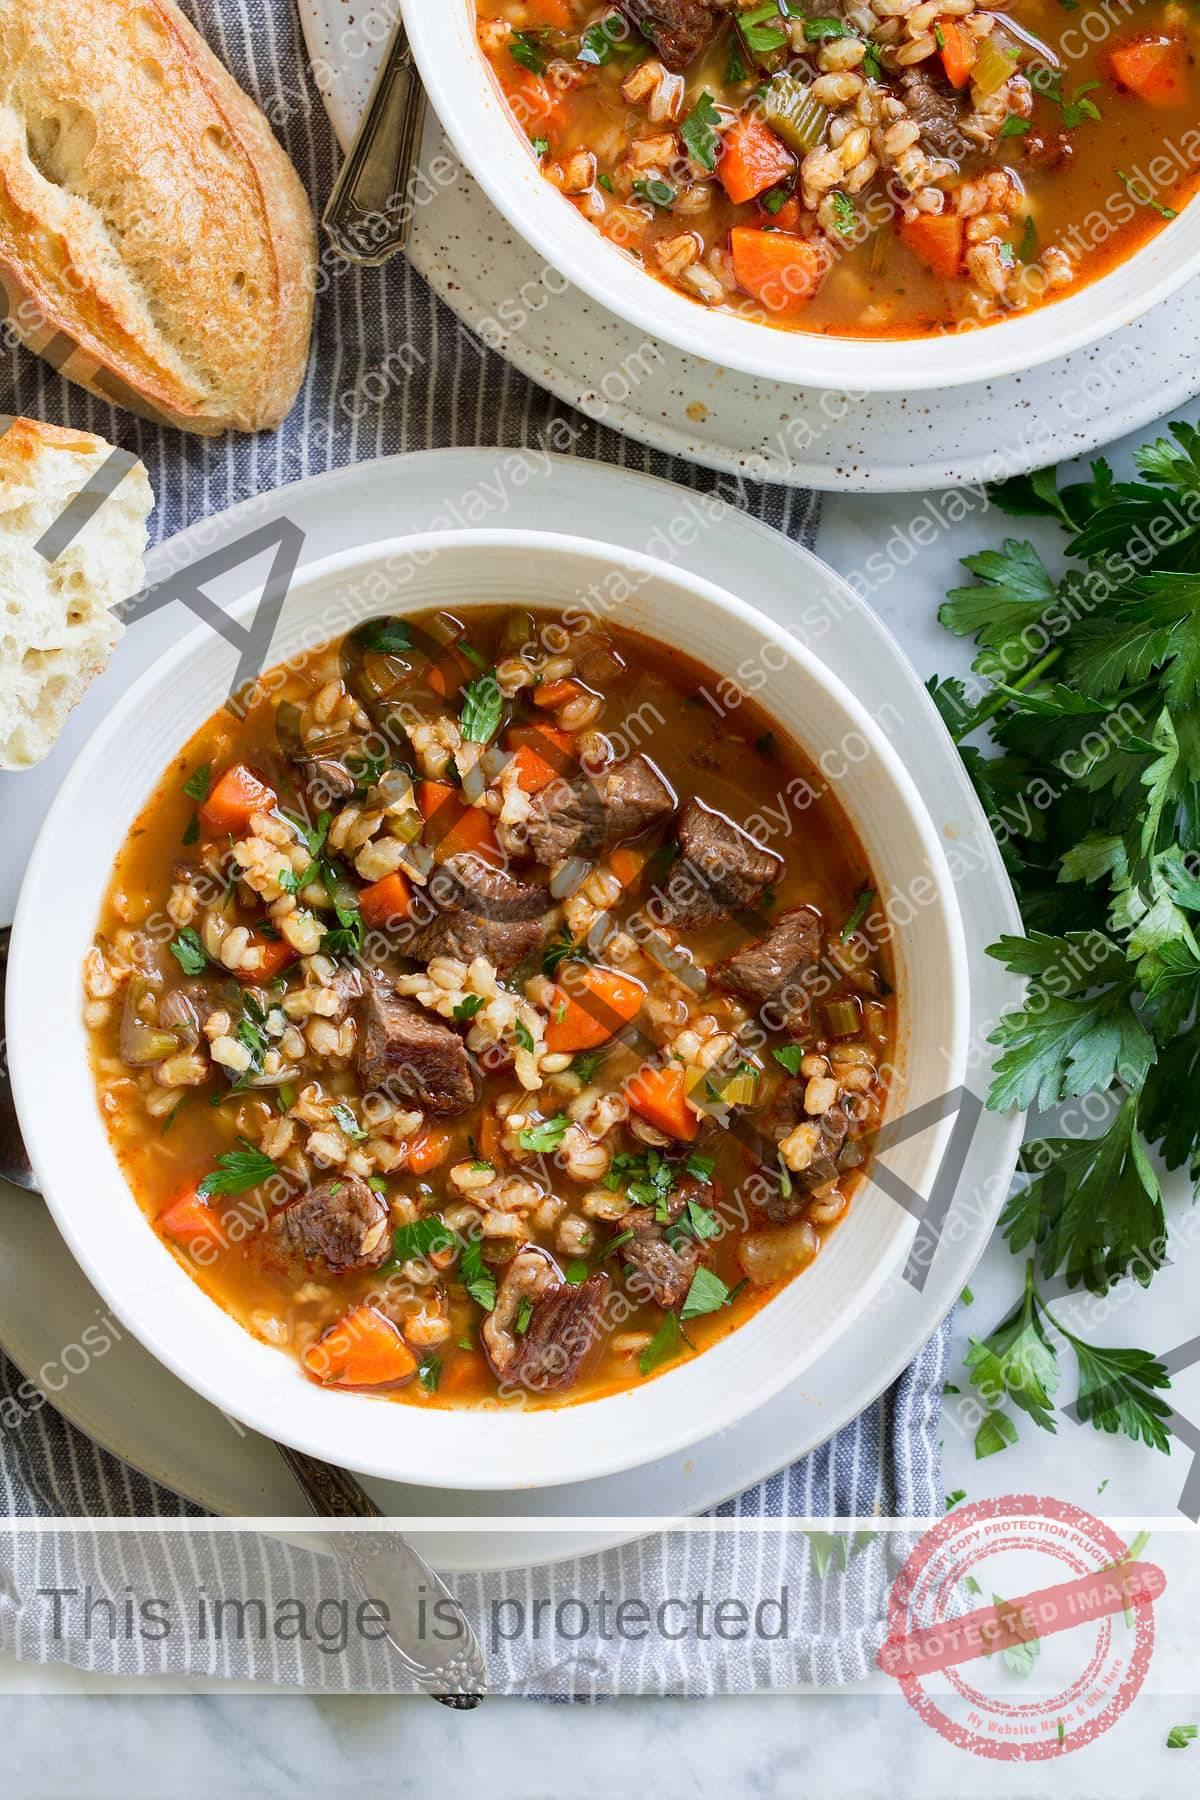 Imagen aérea de sopa de carne y cebada en un tazón.